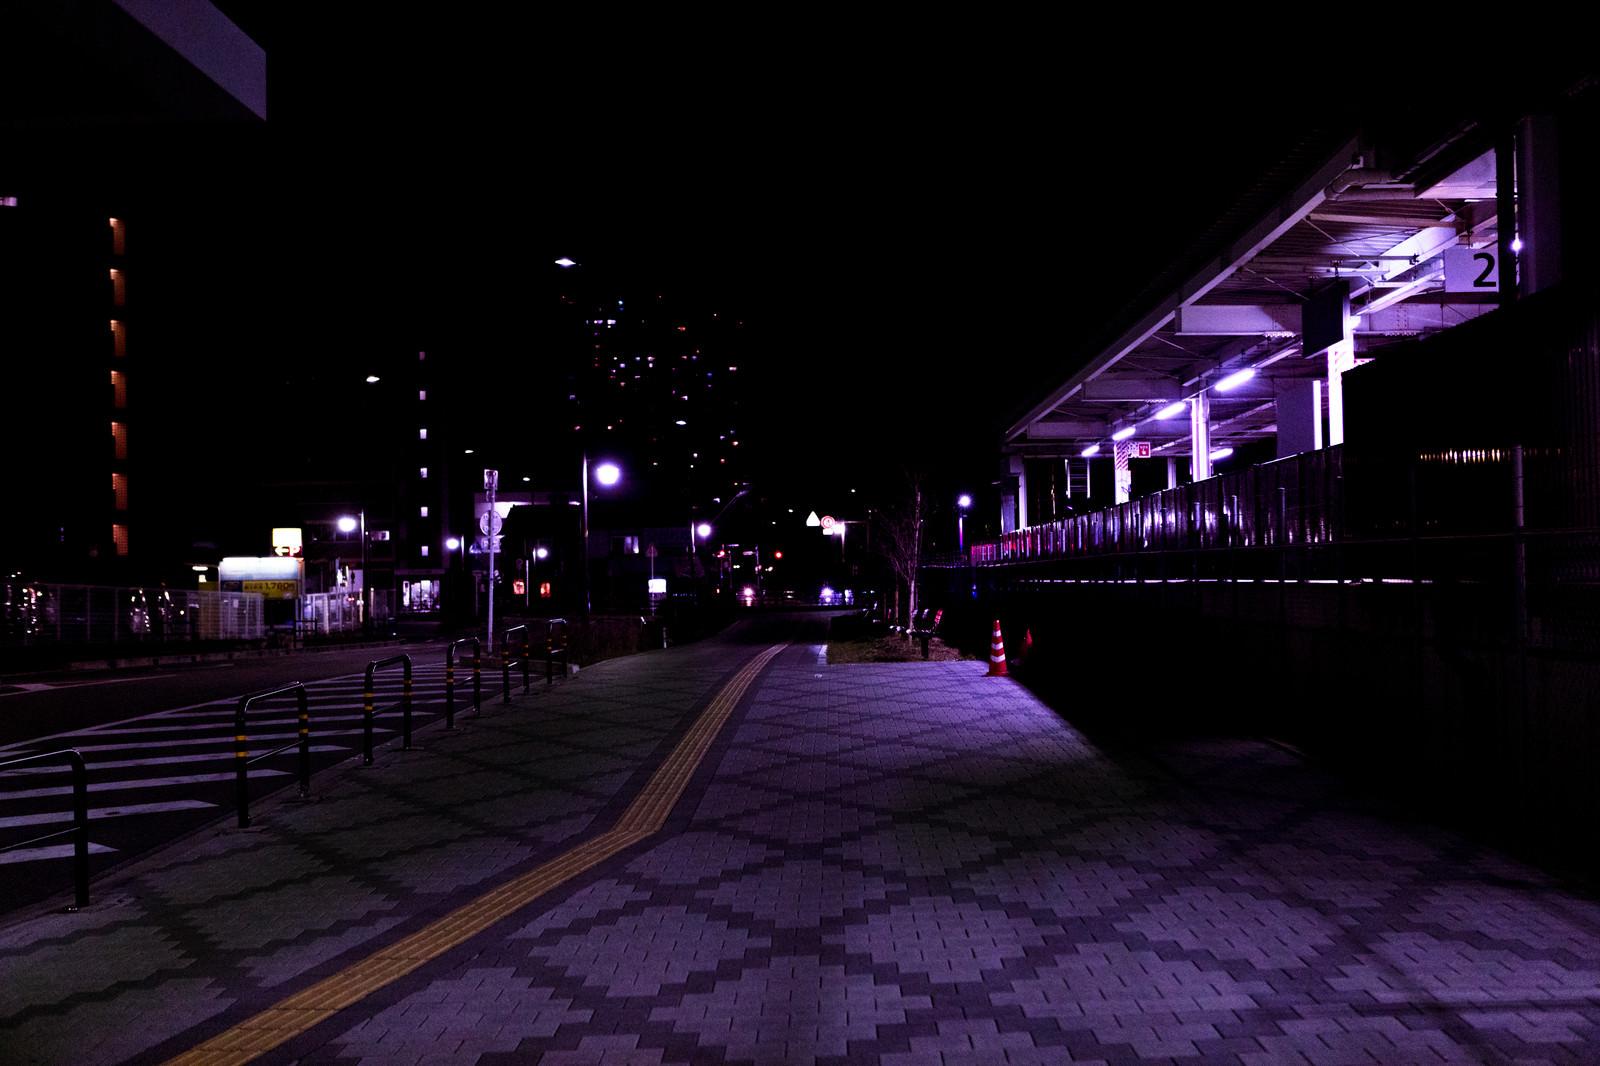 「誰もいない深夜の駅前の歩道」の写真